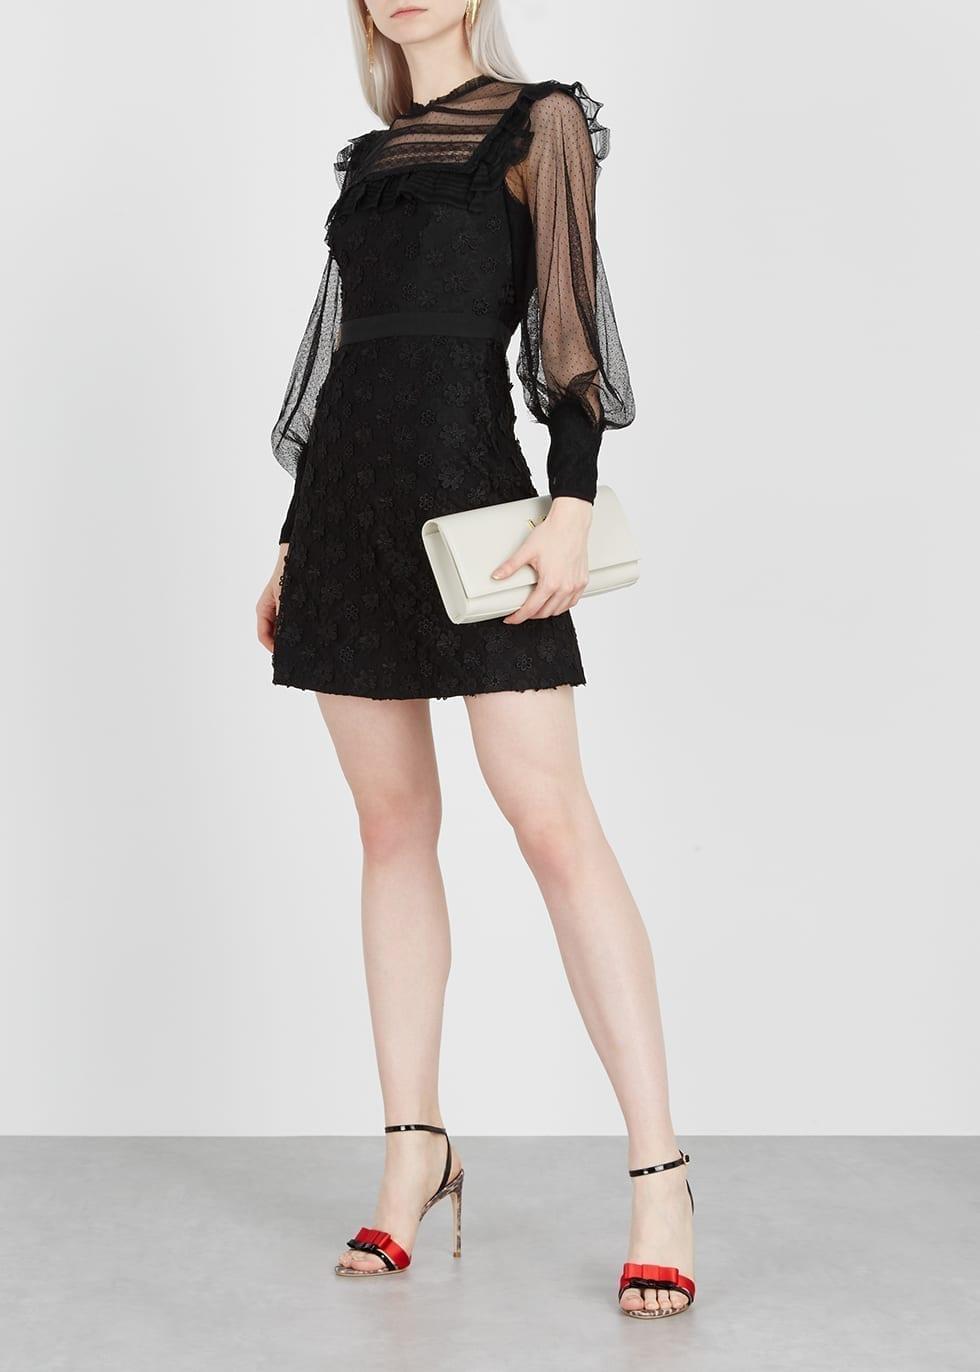 THREE FLOOR Twiggy Lace Mini Black Dress